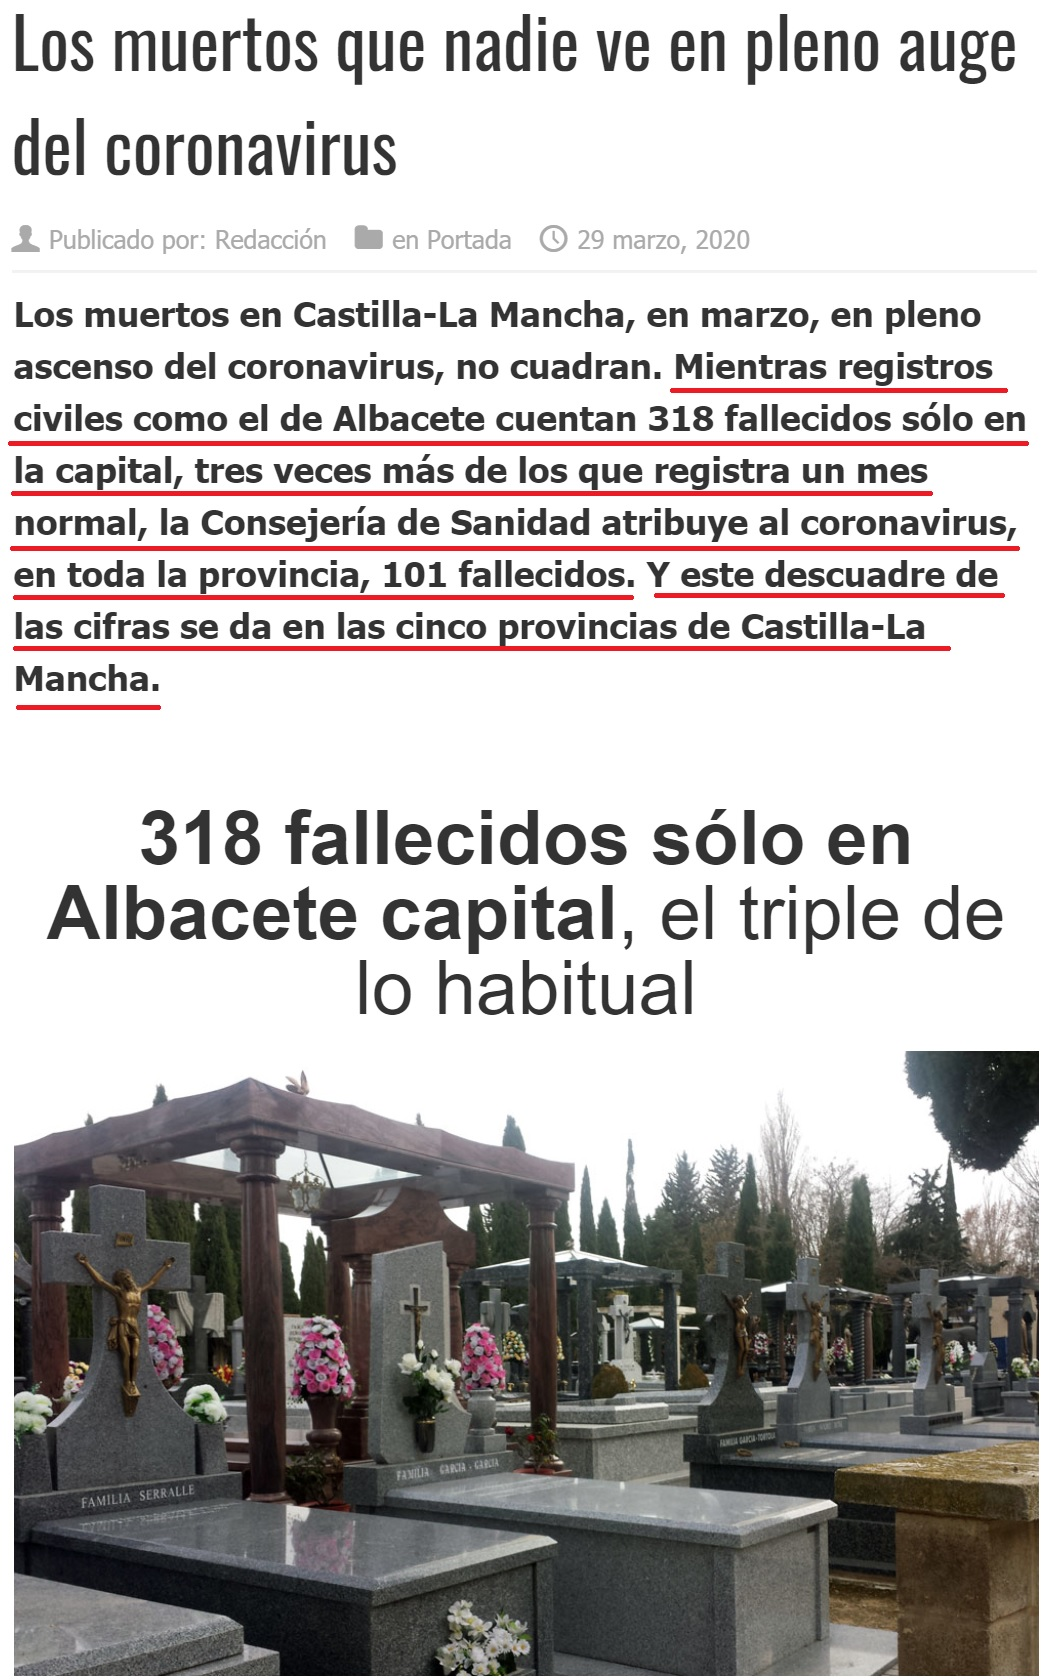 Los muertos en marzo en Castilla-La Mancha no cuadran